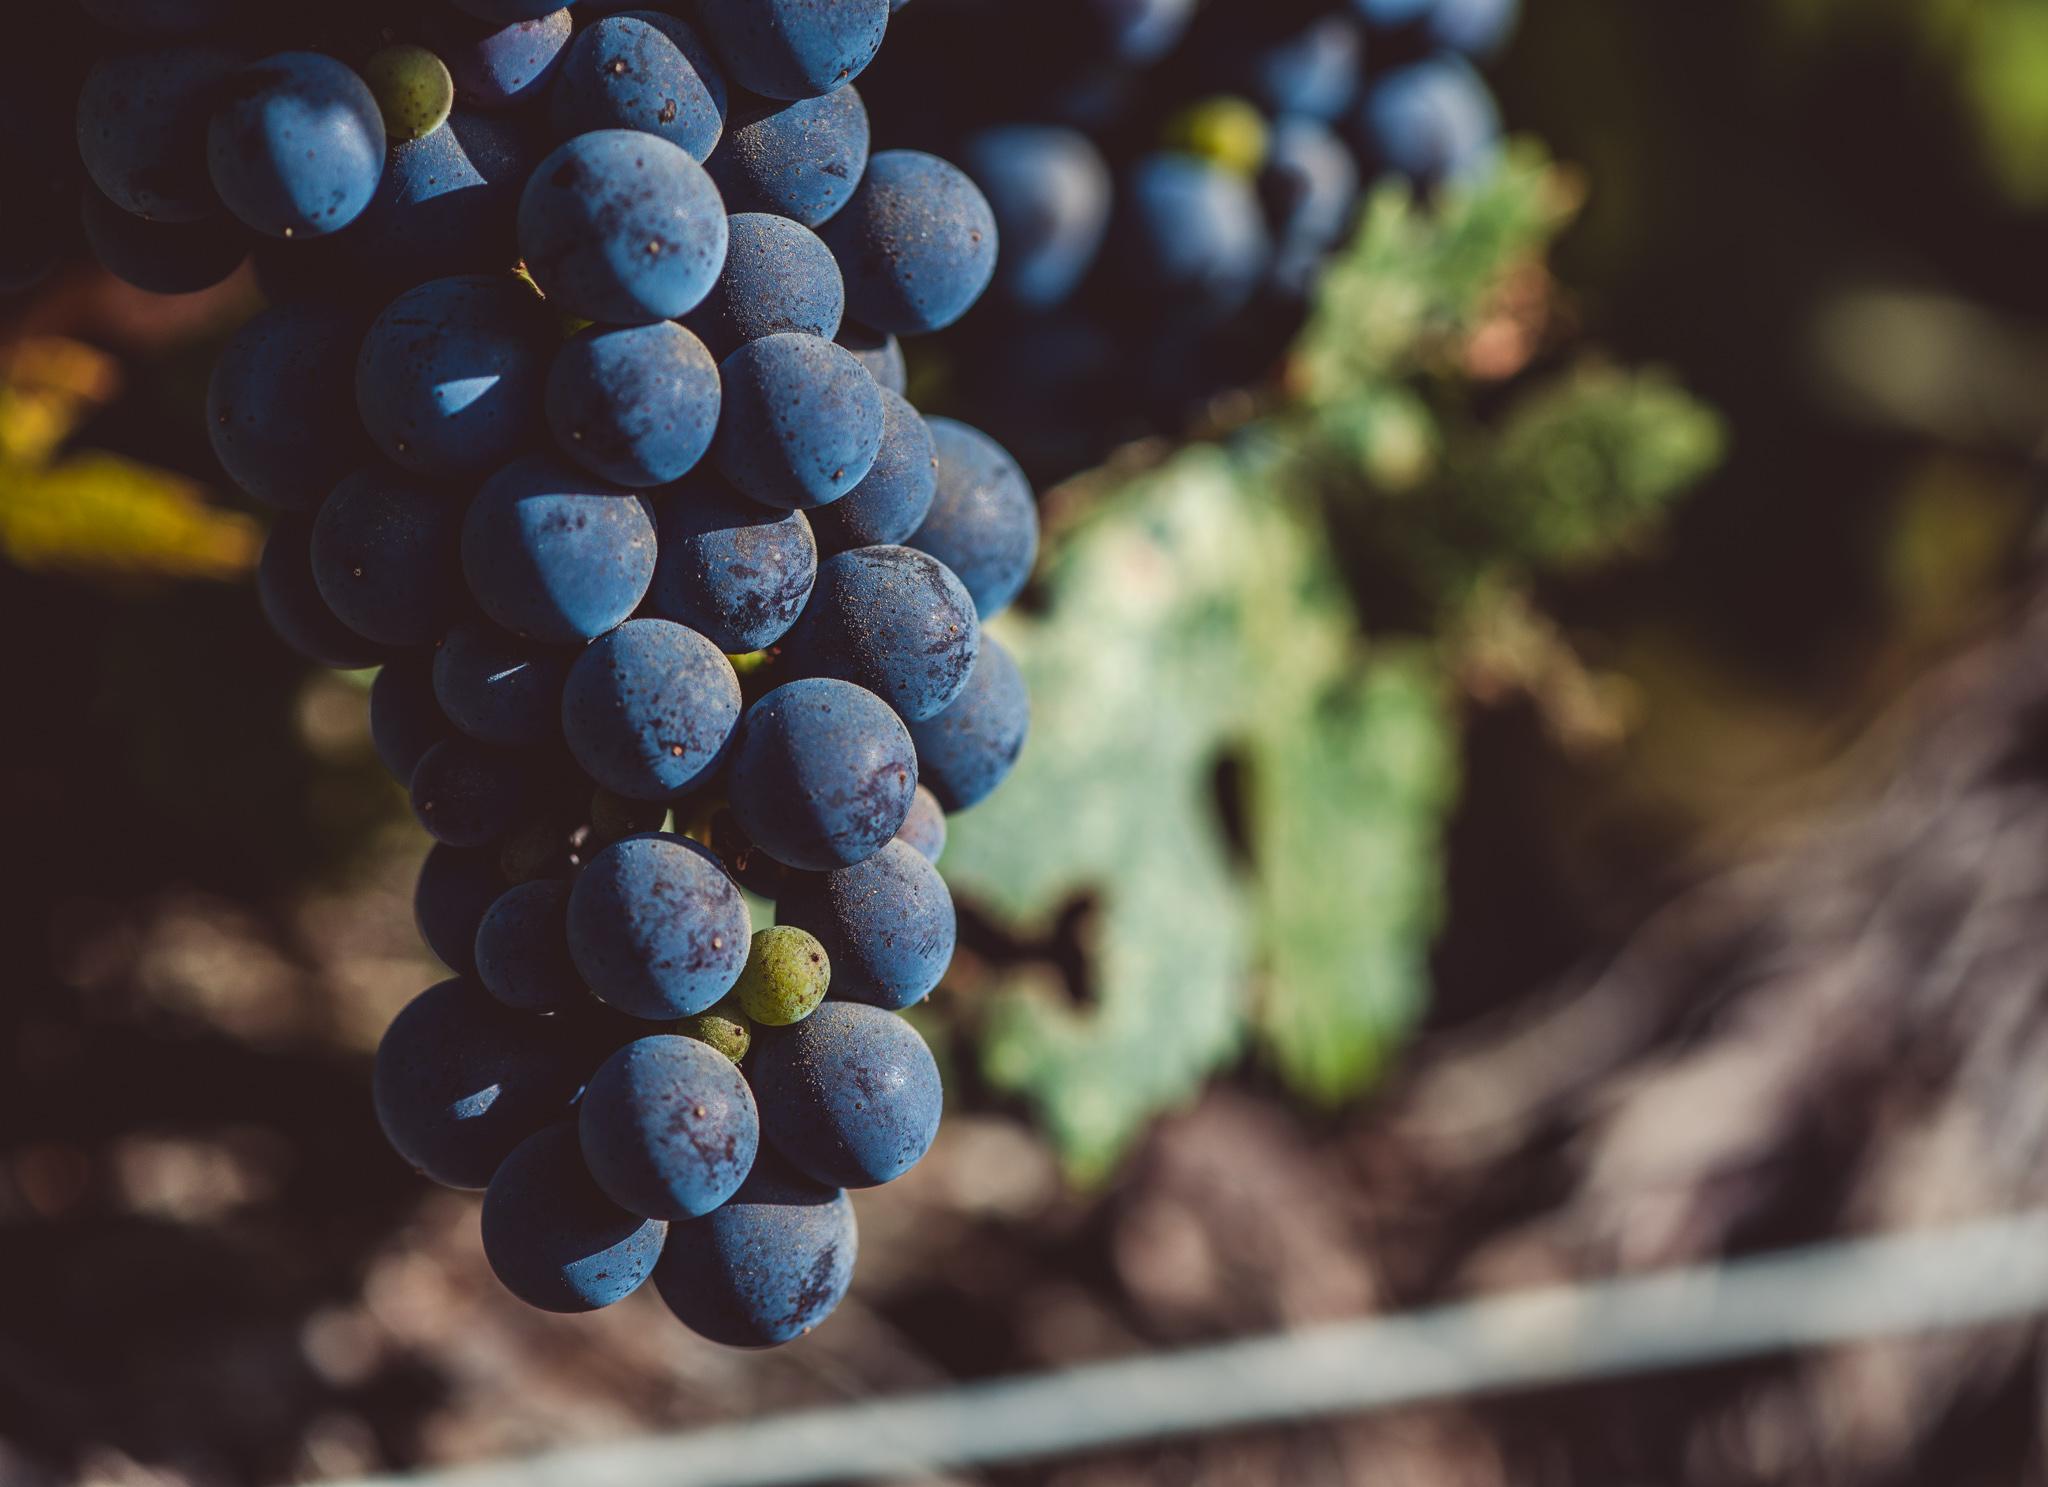 California : Napa Valley : Cabernet Sauvignon